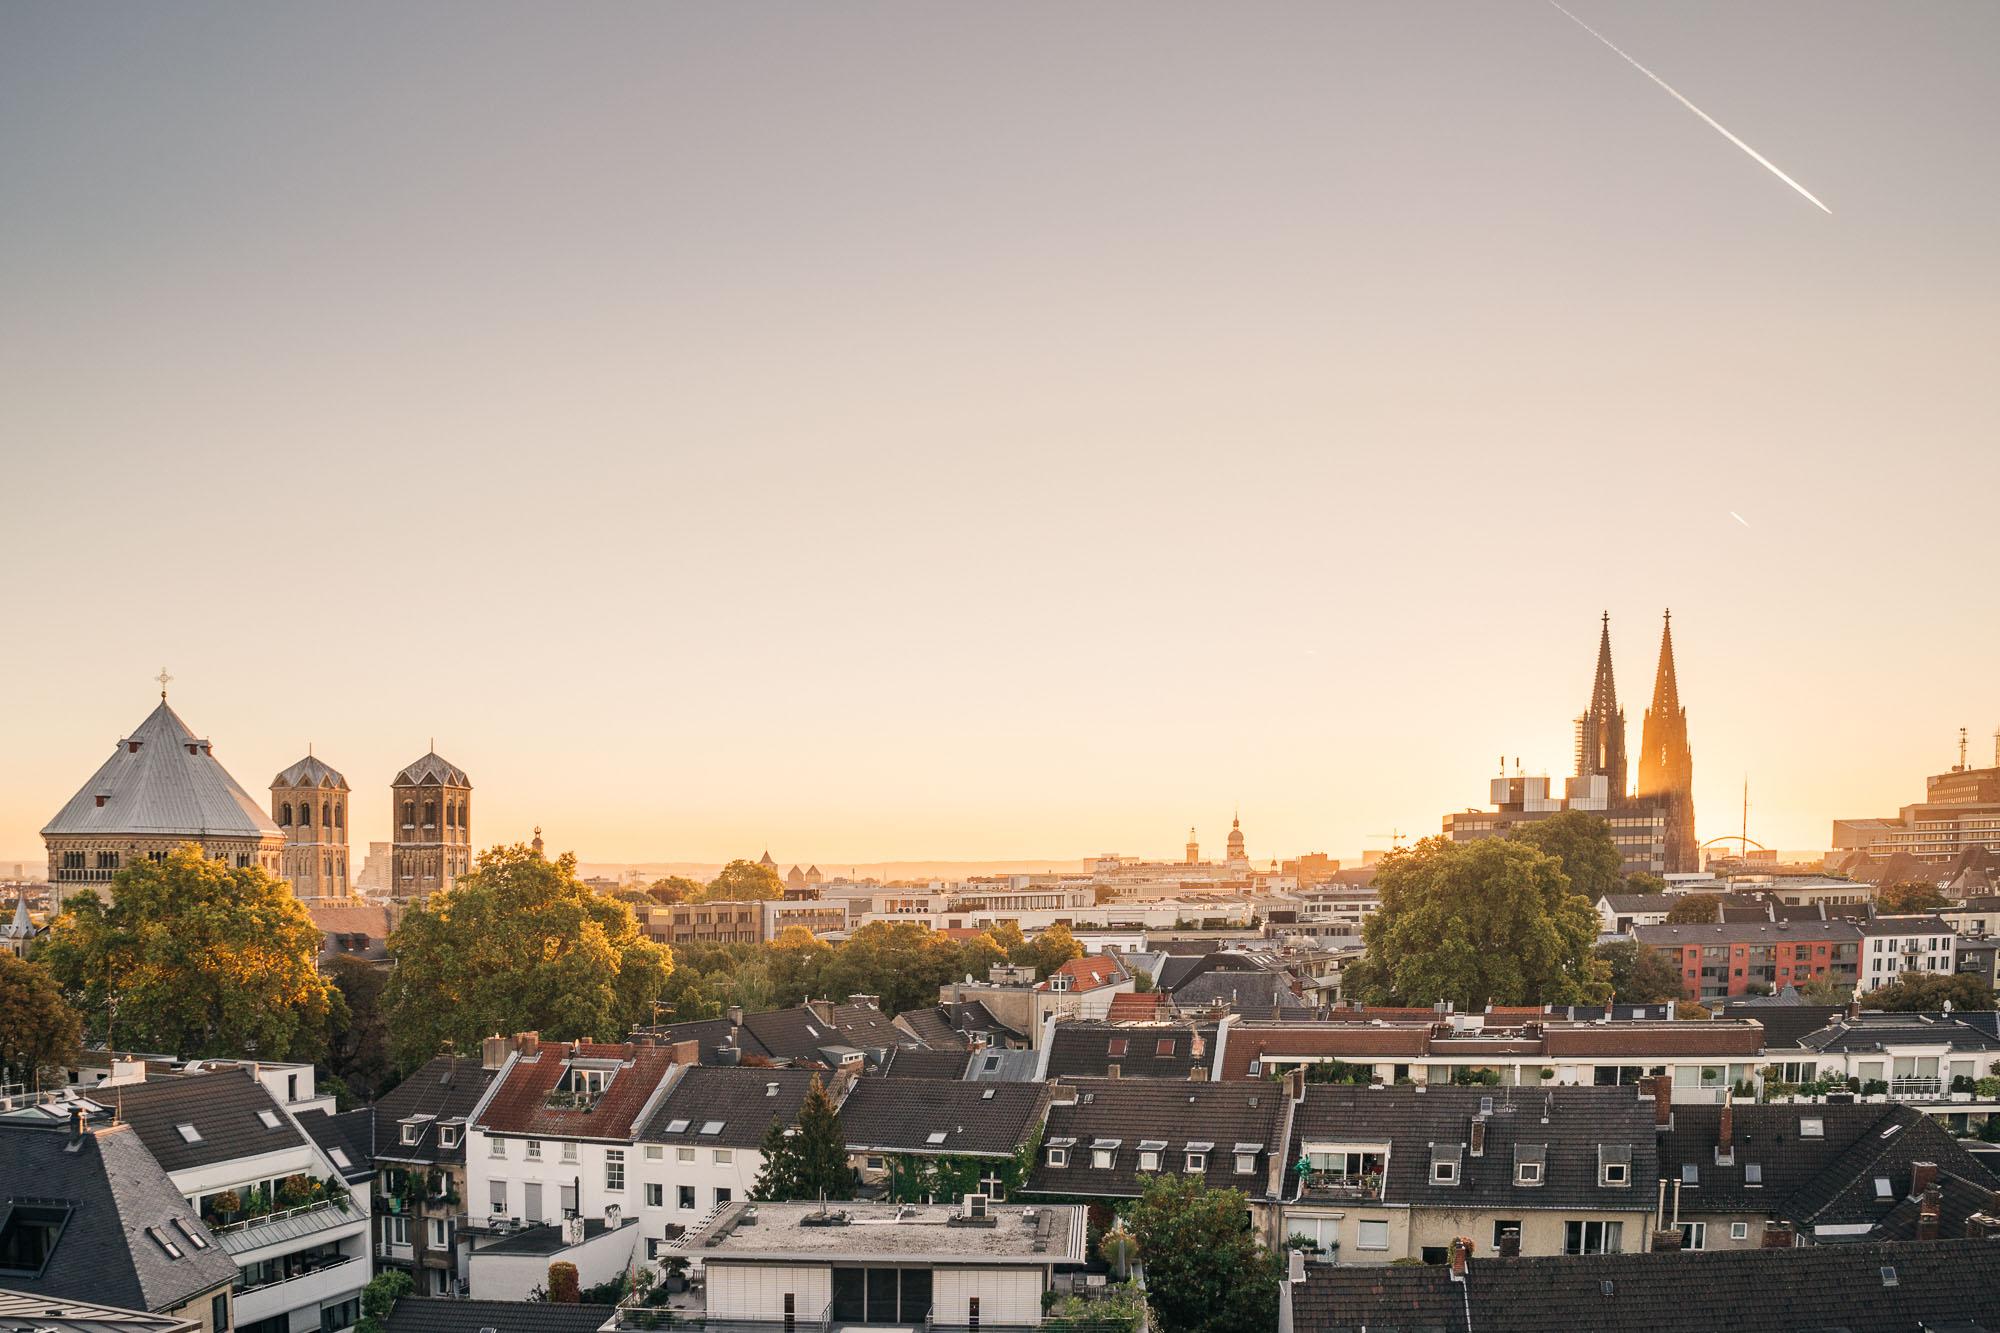 Way Up North Cologne 2018 - 1